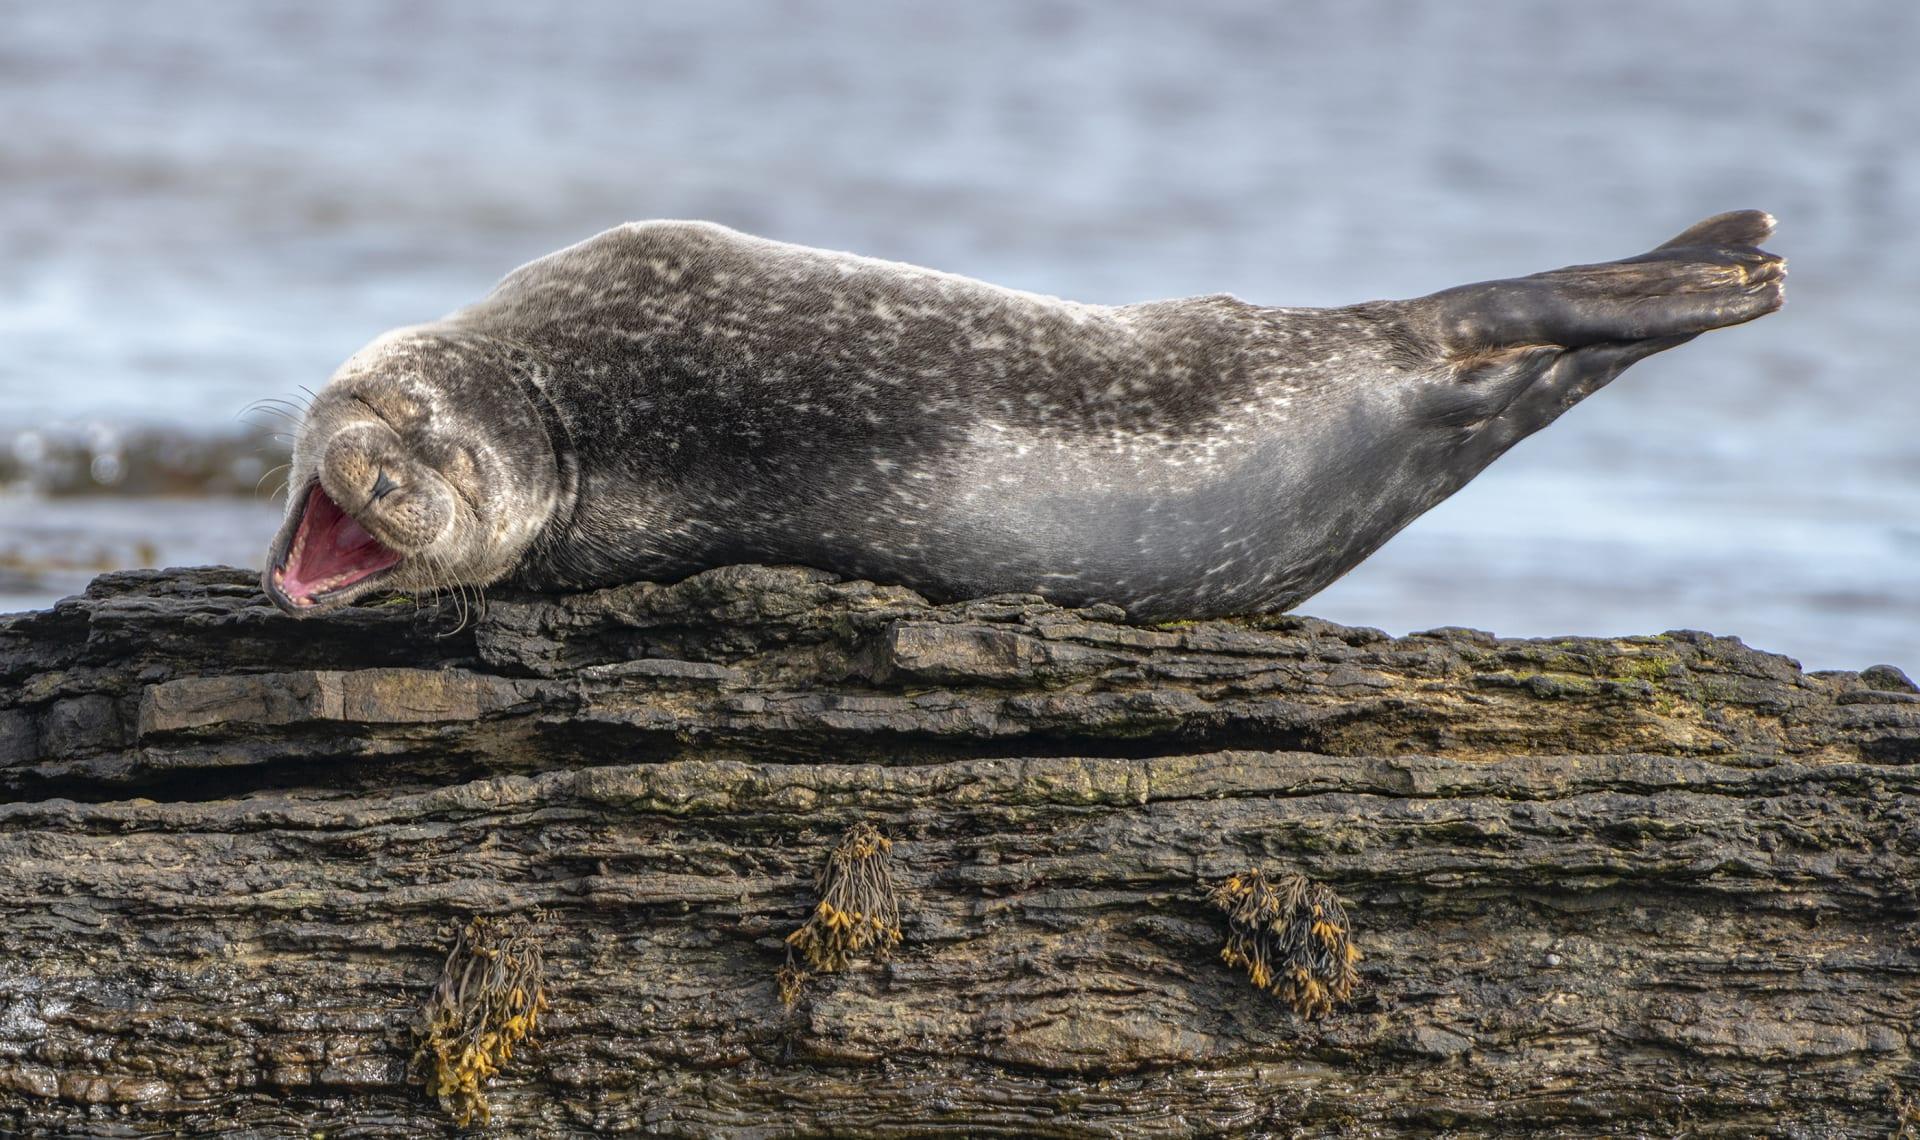 من سمكة مبتسمة إلى راكون معلق.. جائزة كوميديا الحياة البرية للتصوير الفوتوغرافي تأمل رسم البسمة بظل جائحة فيروس كورونا